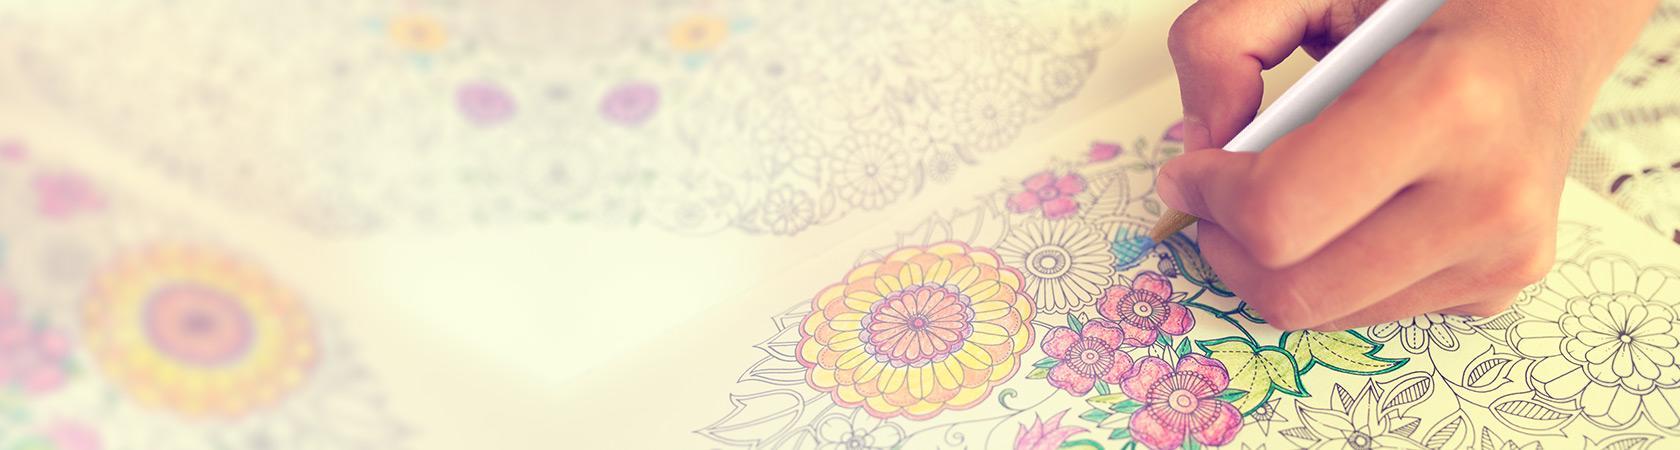 Header-Malen_Zeichnen